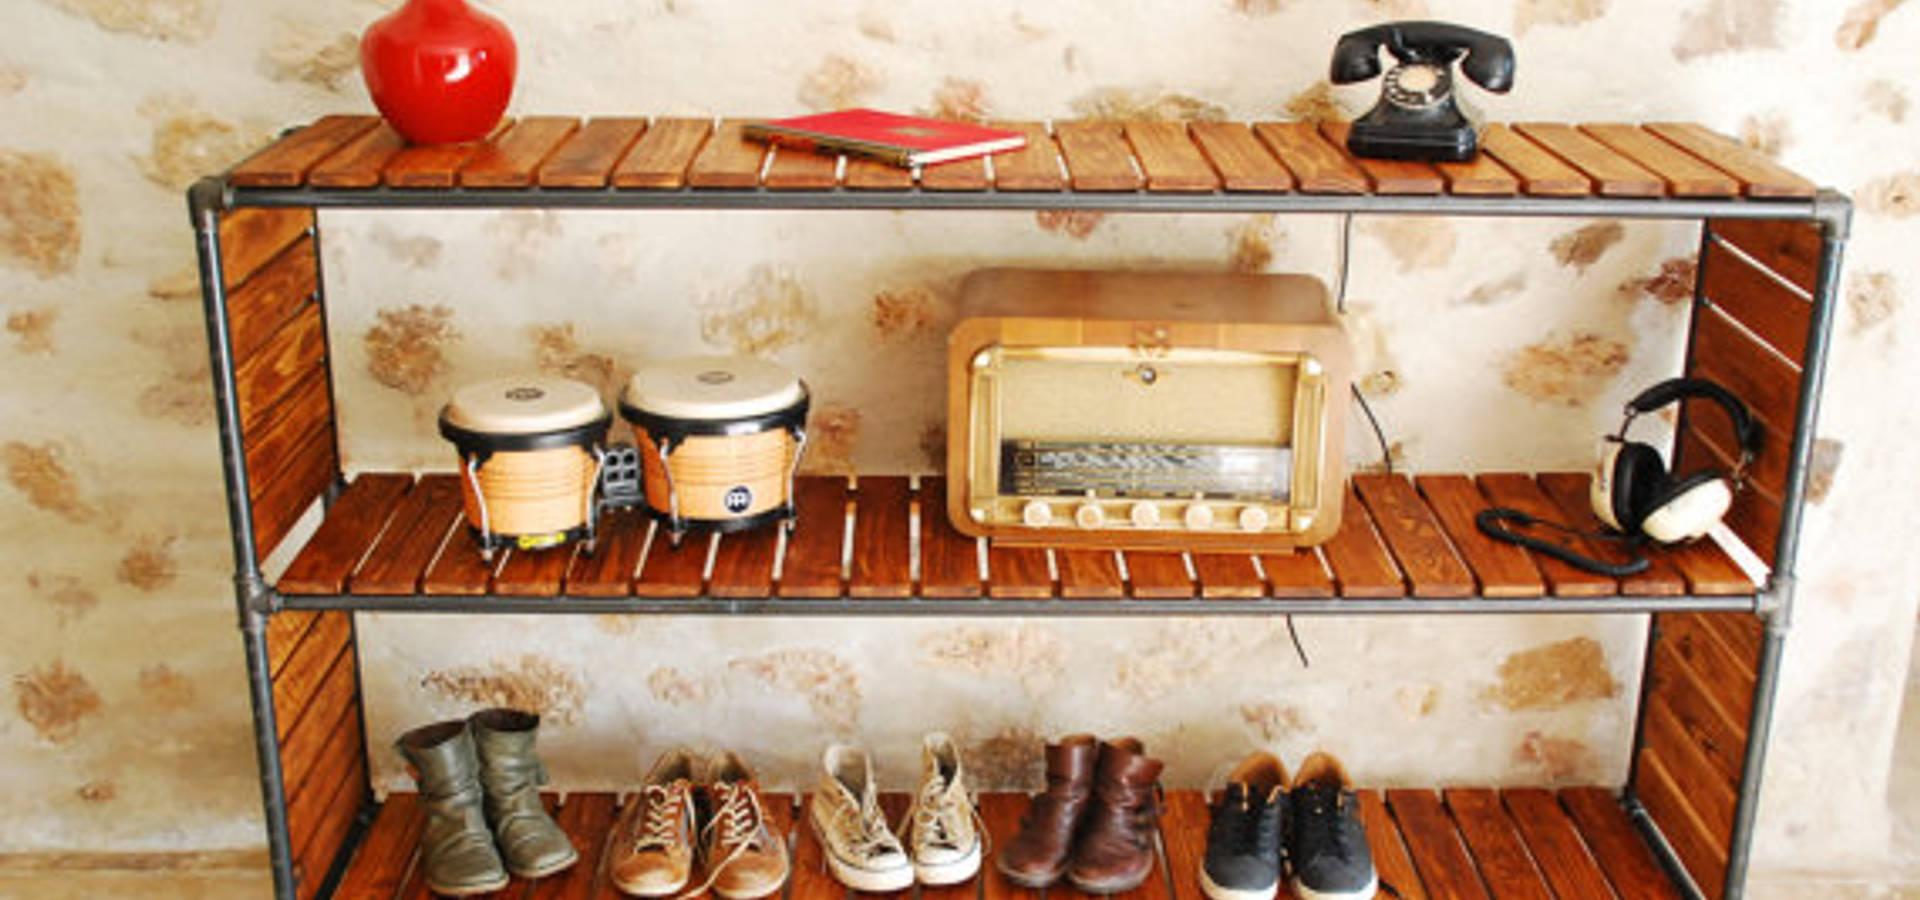 portant v tement porte cintre industriel vintage en tuyau de fonte noire par la fabrik de fred. Black Bedroom Furniture Sets. Home Design Ideas